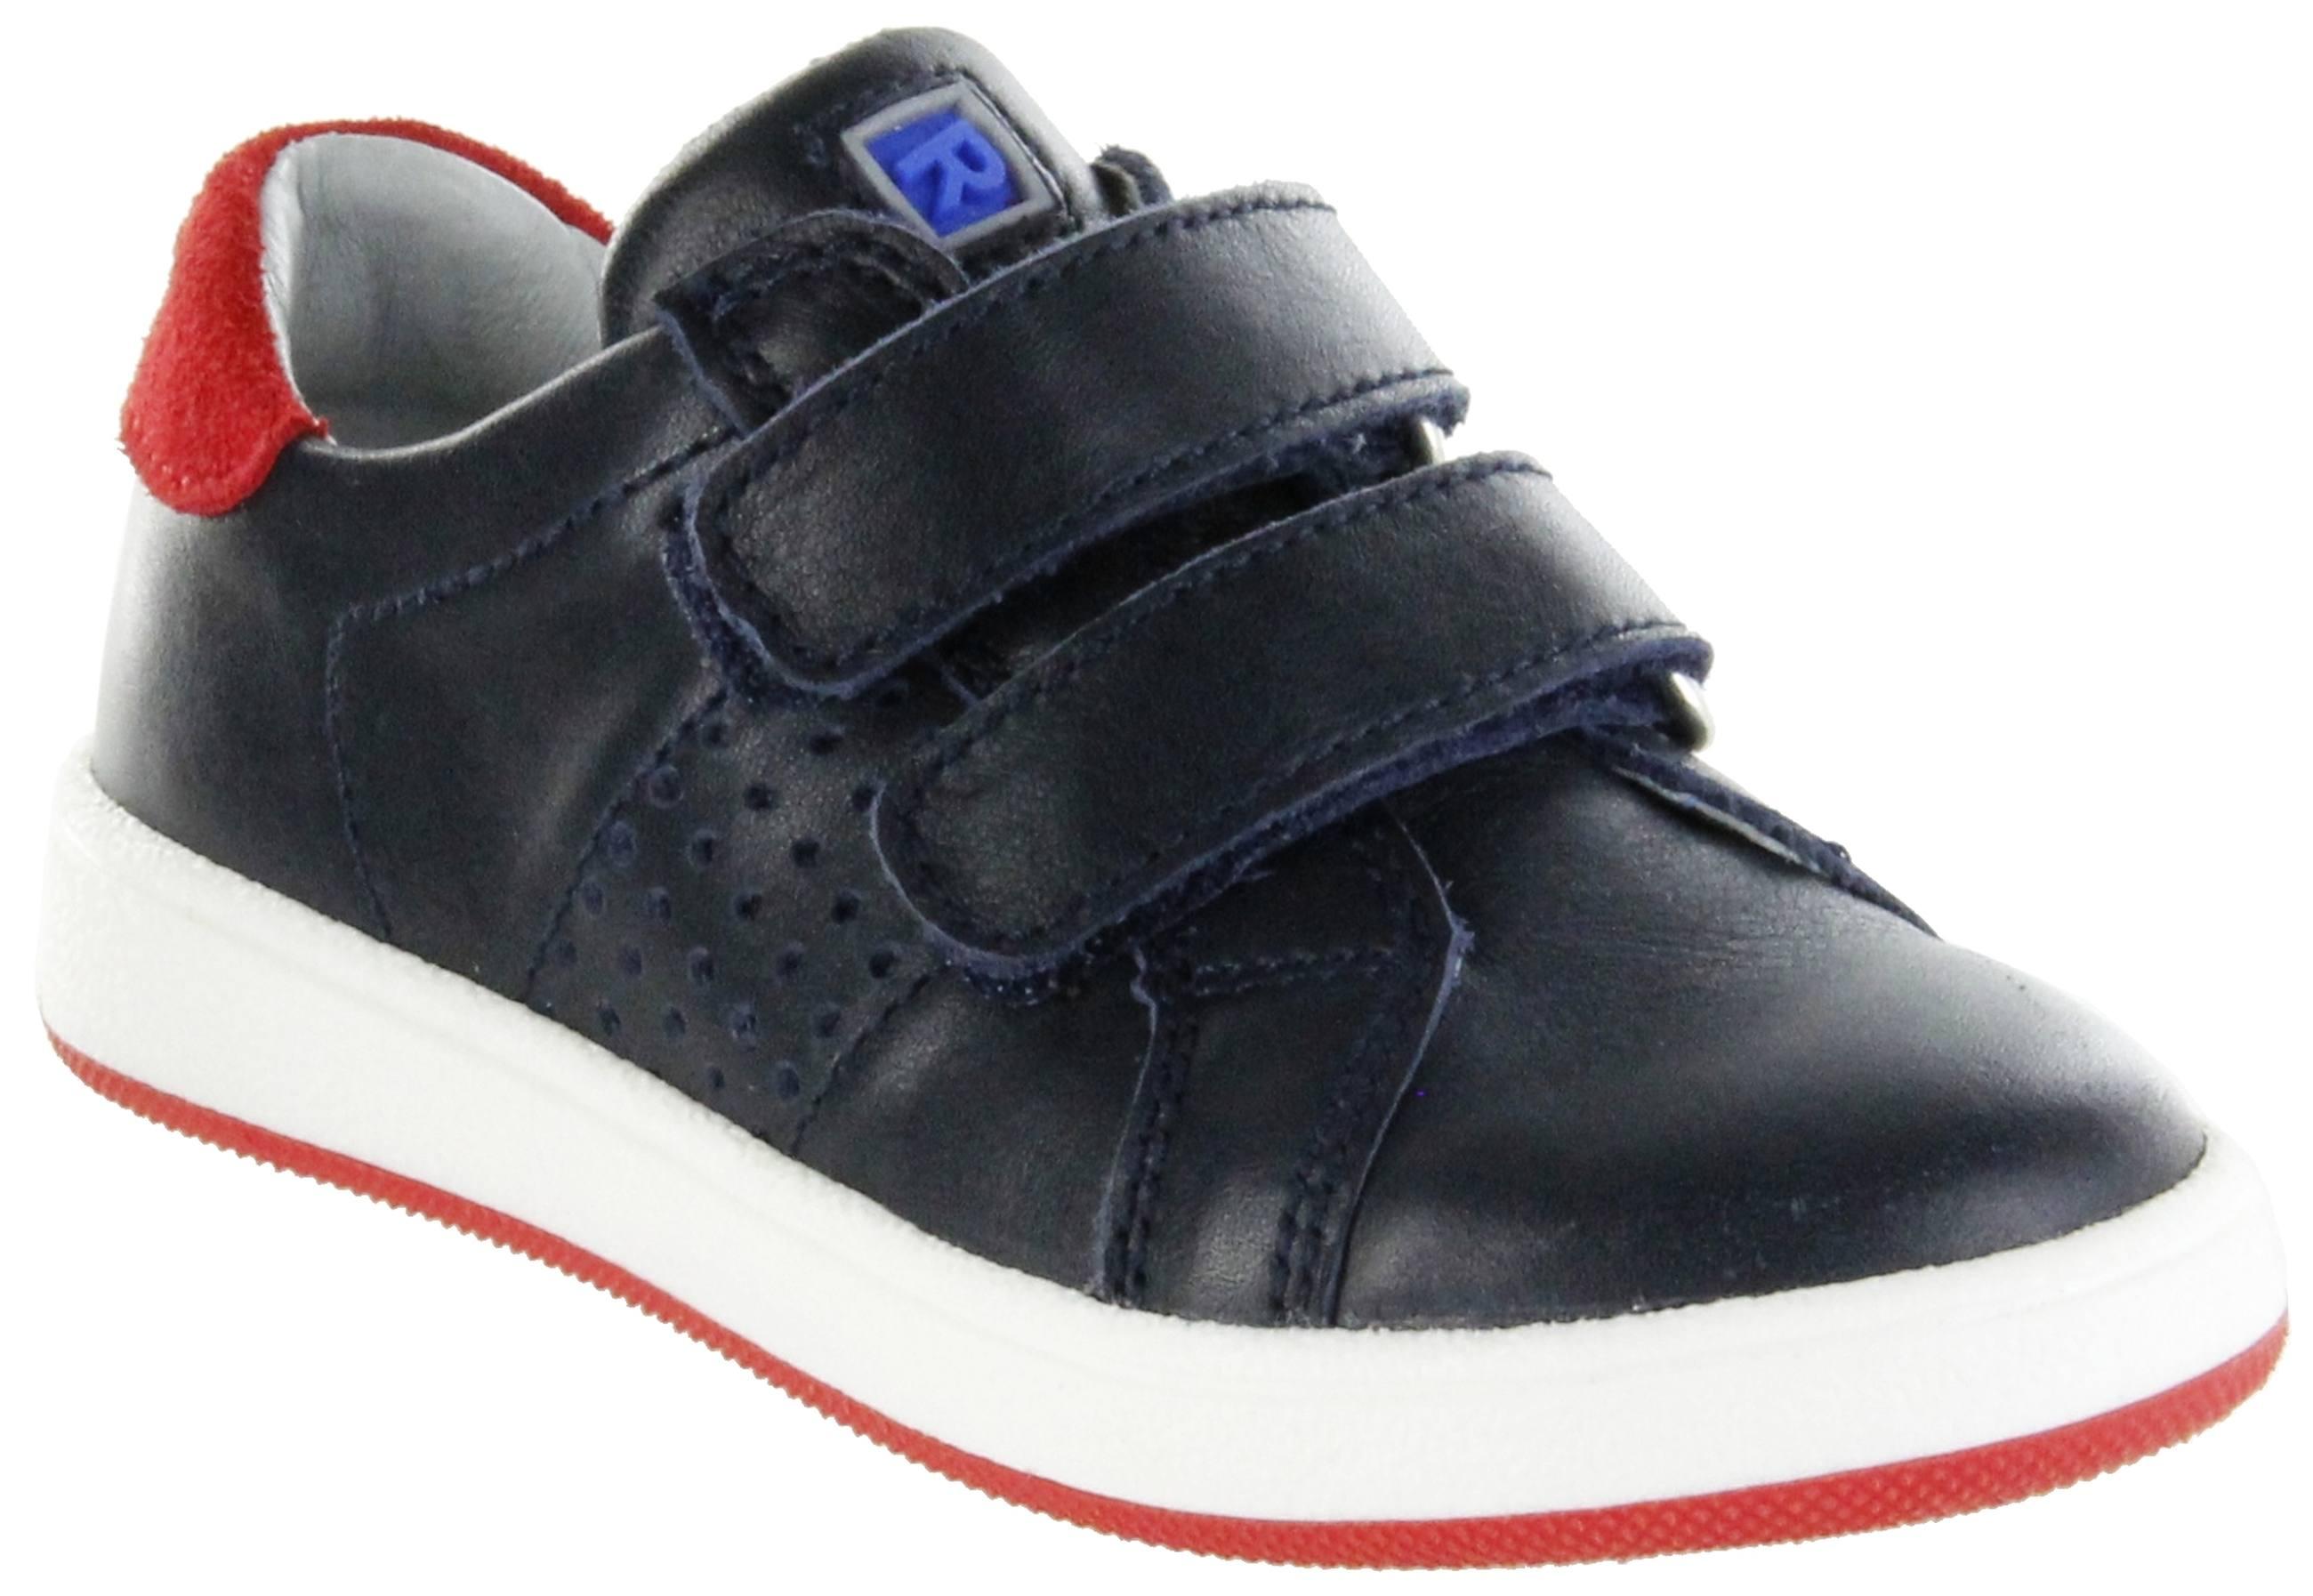 Neu Gr.25 Richter Halbschuhe Jungen Leder Schuhe